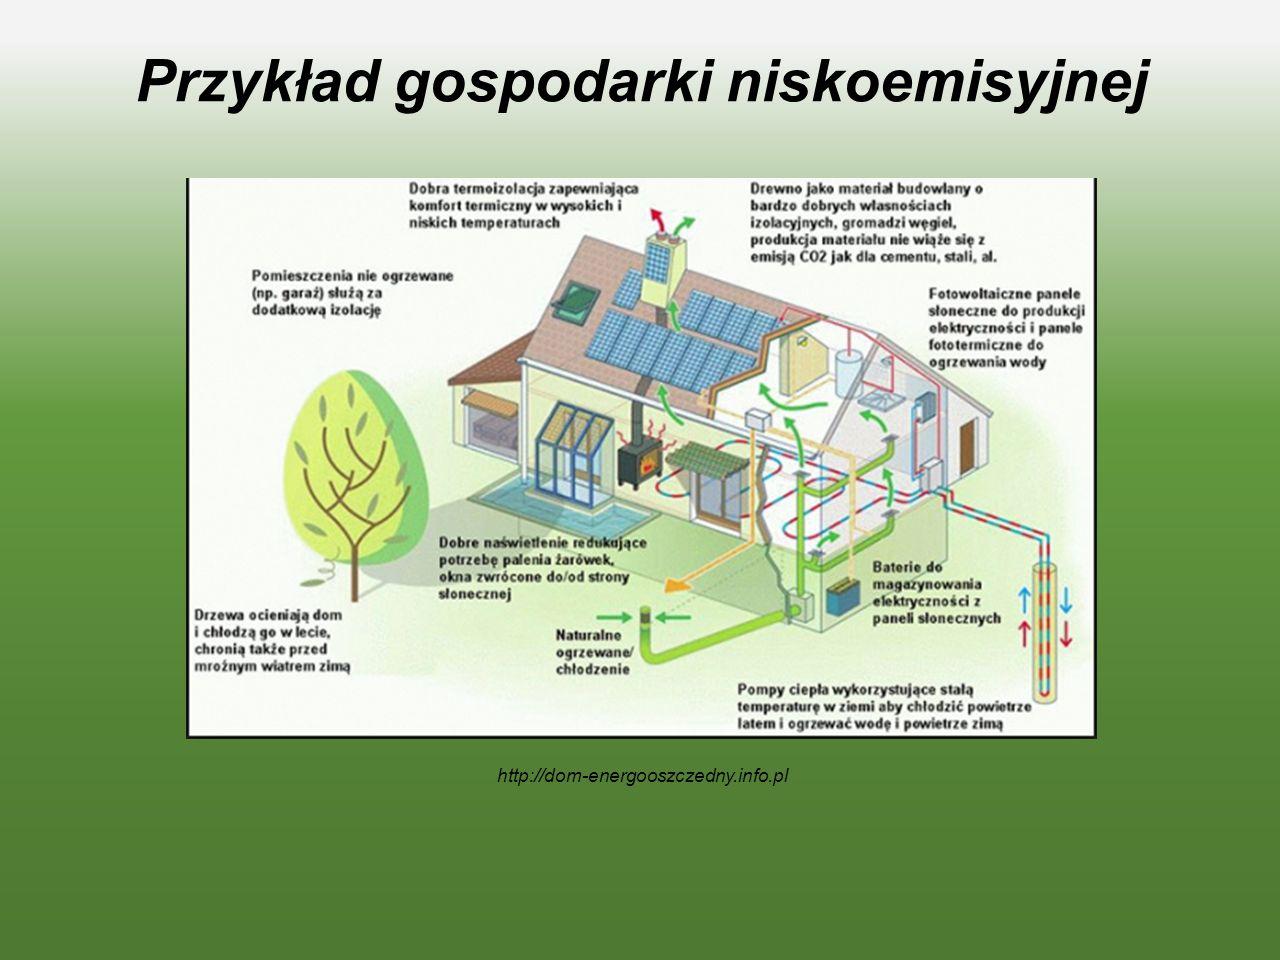 Przykład gospodarki niskoemisyjnej C/ UT * OTWE M RU Alarm przeci*poza/owy Z AAINE SLET M RARW OTO « UĘ A http://dom-energooszczedny.info.pl